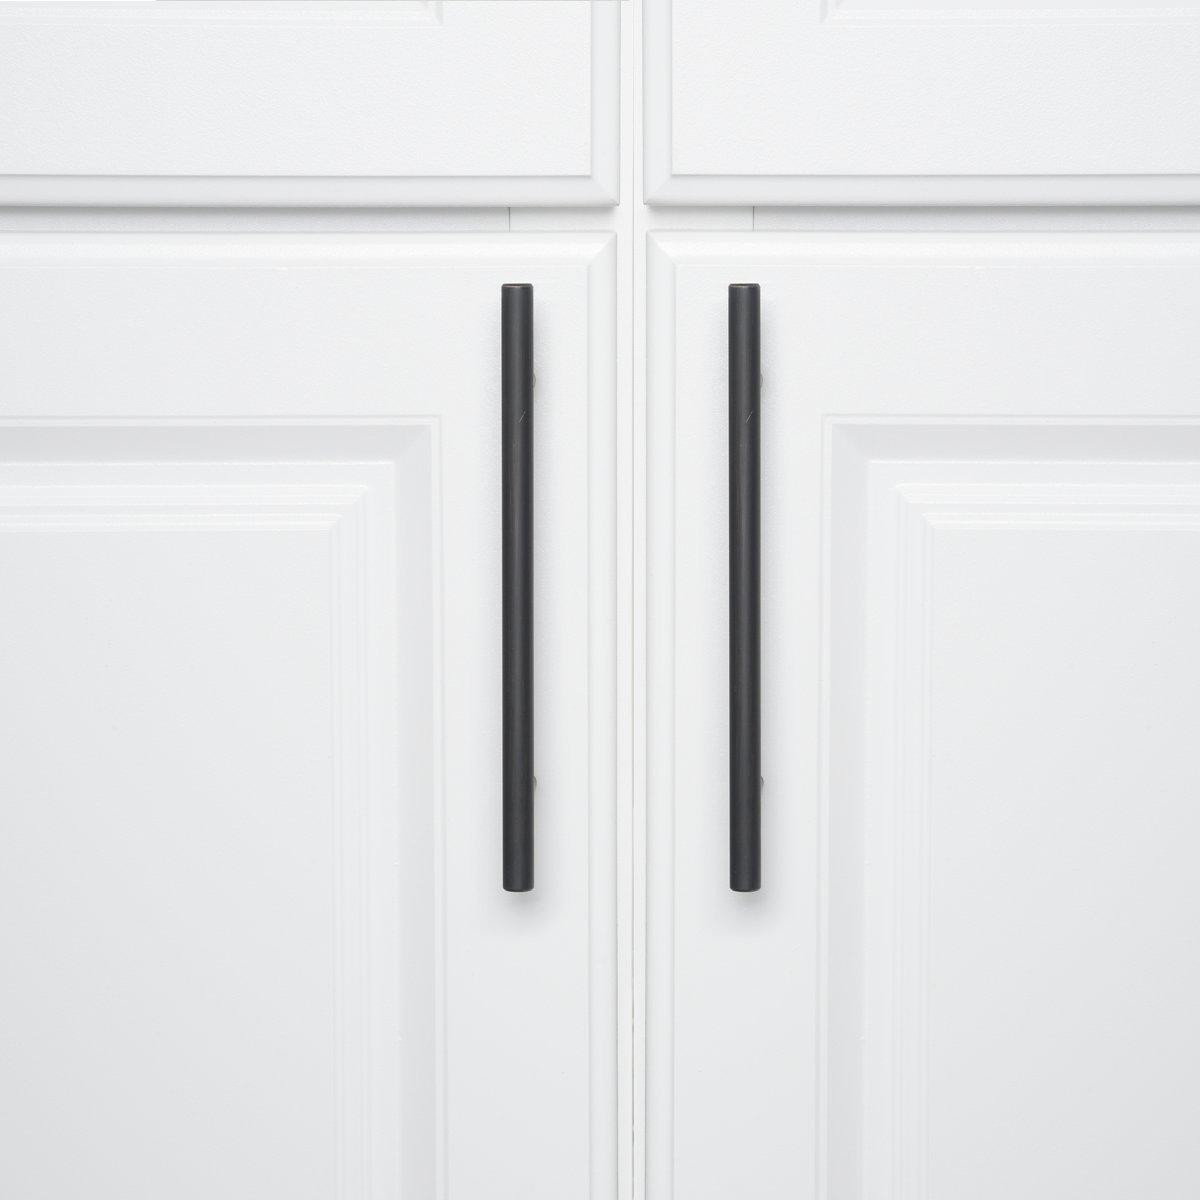 Nichel satinato Lunghezza 13,66 cm Maniglia a barra per mobili diametro 0,95 cm stile europeo Basics Interasse: 7,62 cm Confezione da 25 pezzi